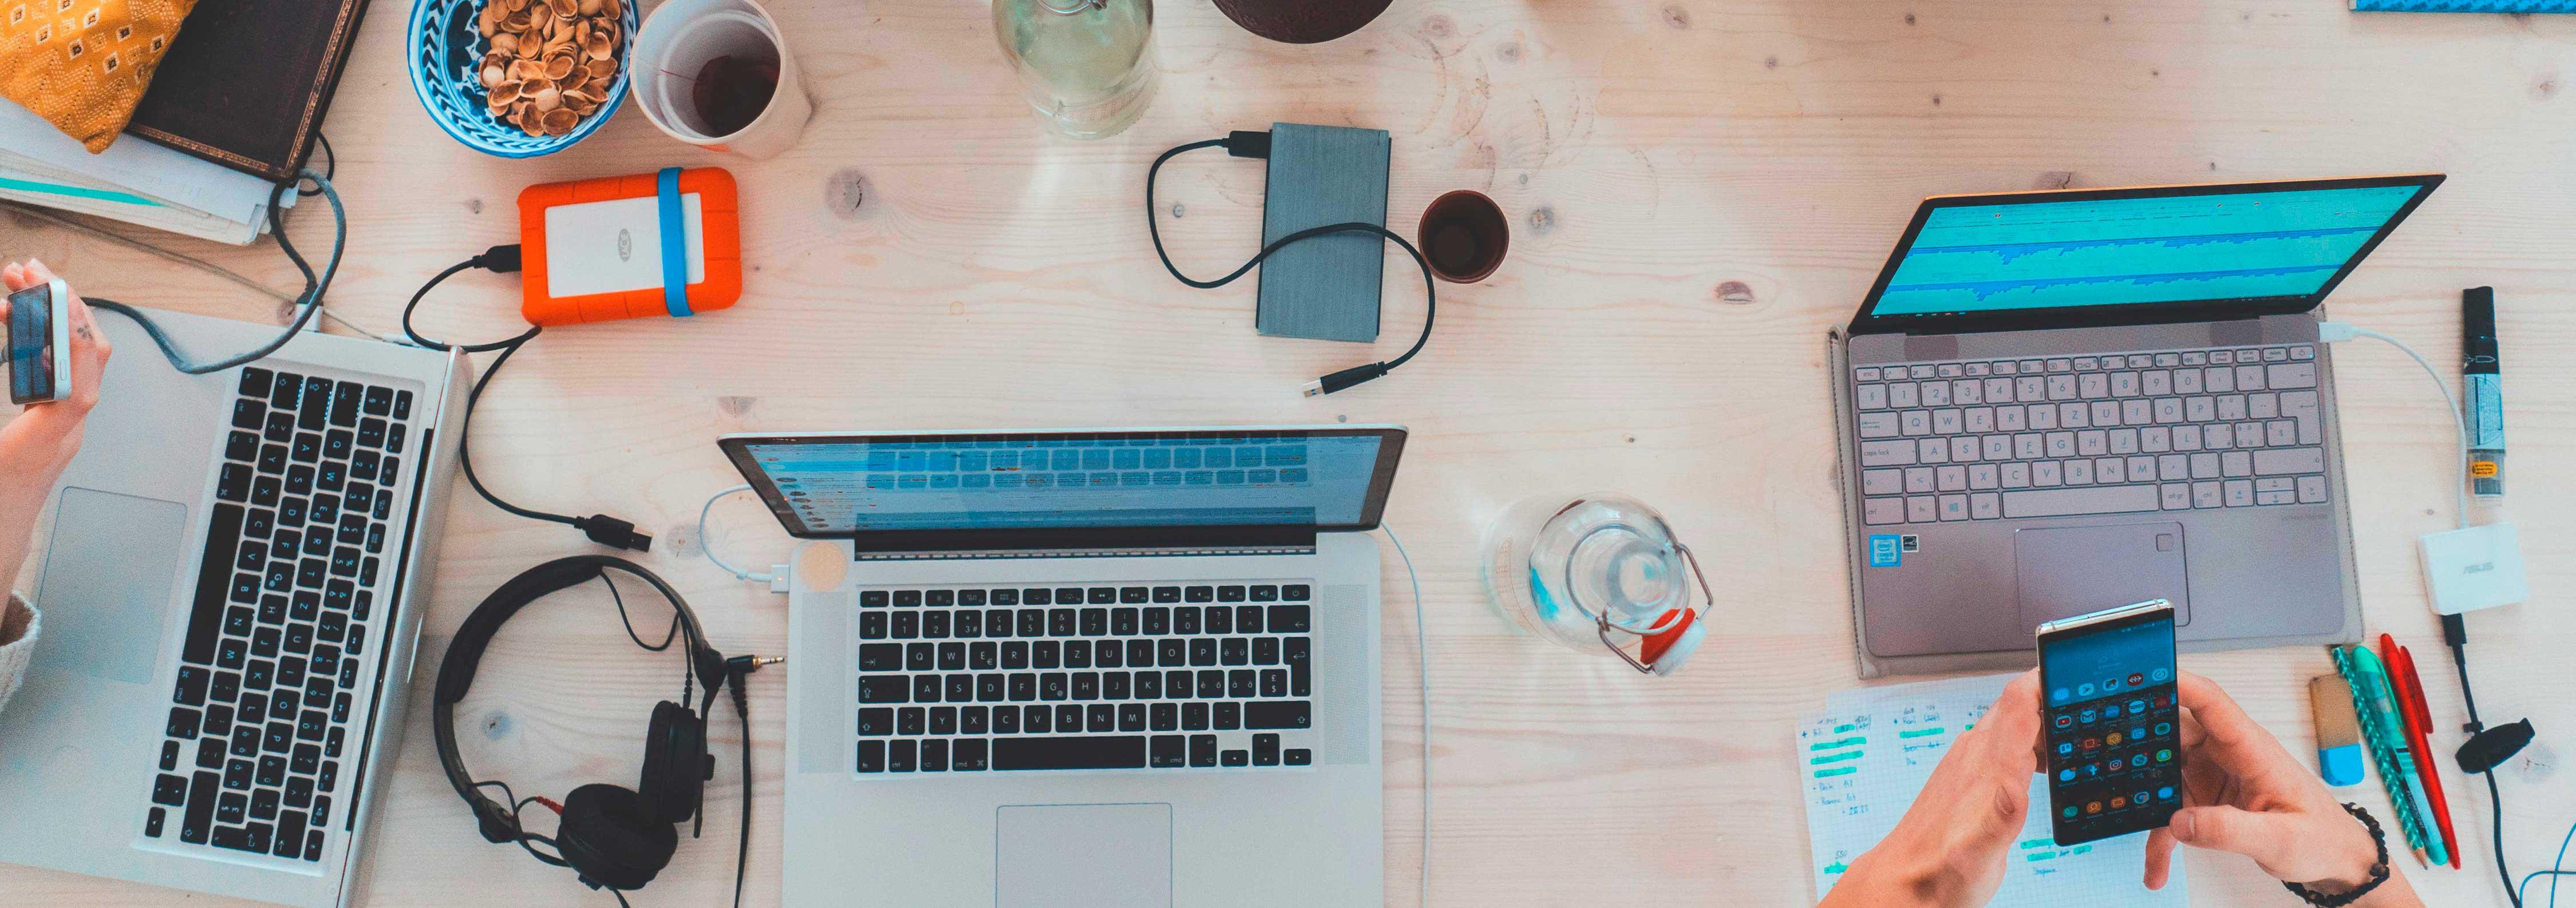 Individuelle Softwareentwicklung und digitale Plattformen